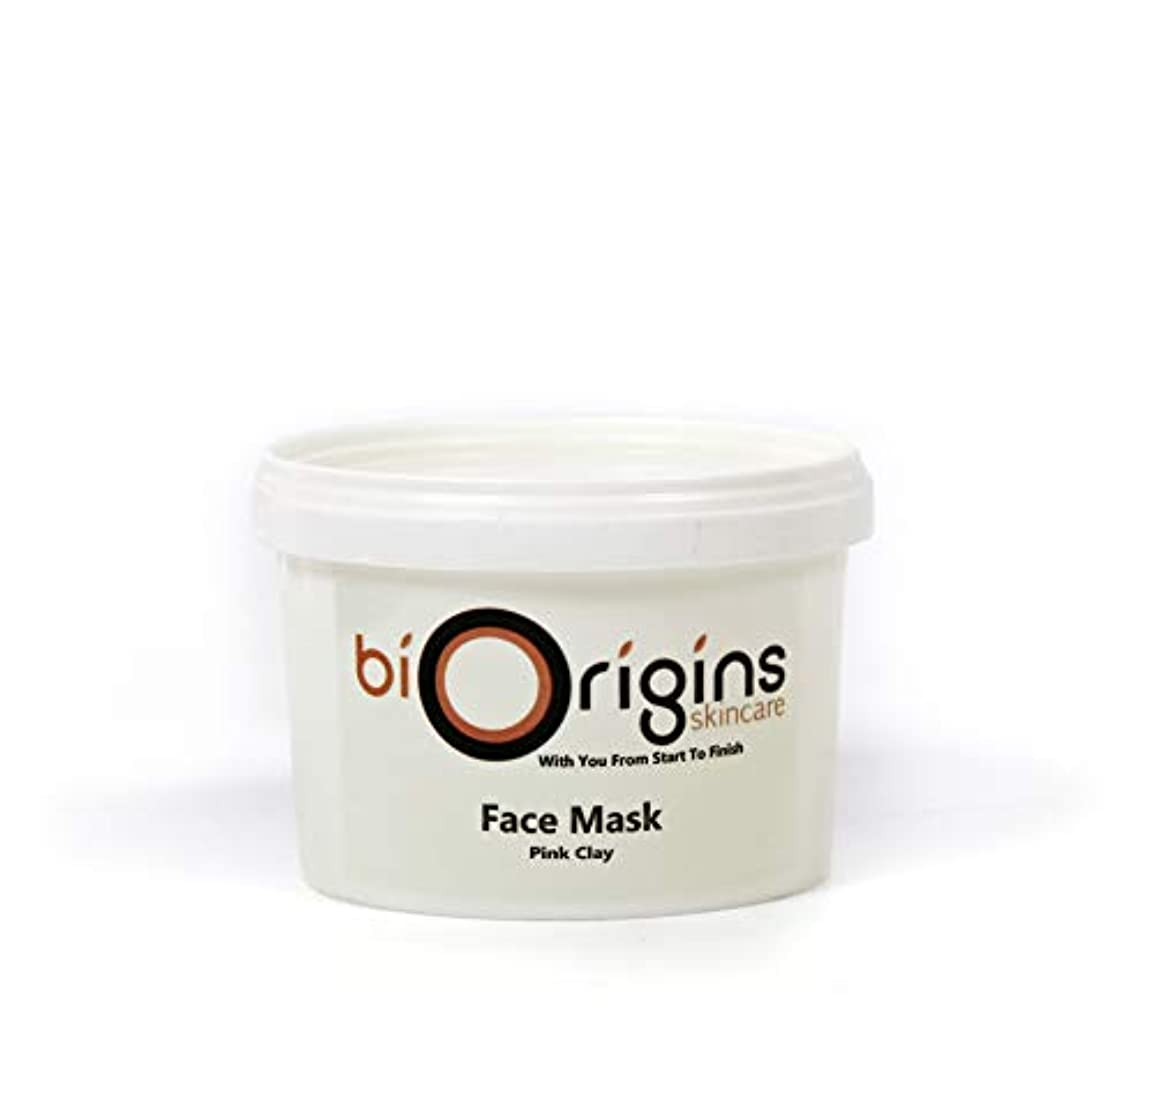 容器リングバック解明Face Mask - Pink Clay - Botanical Skincare Base - 500g